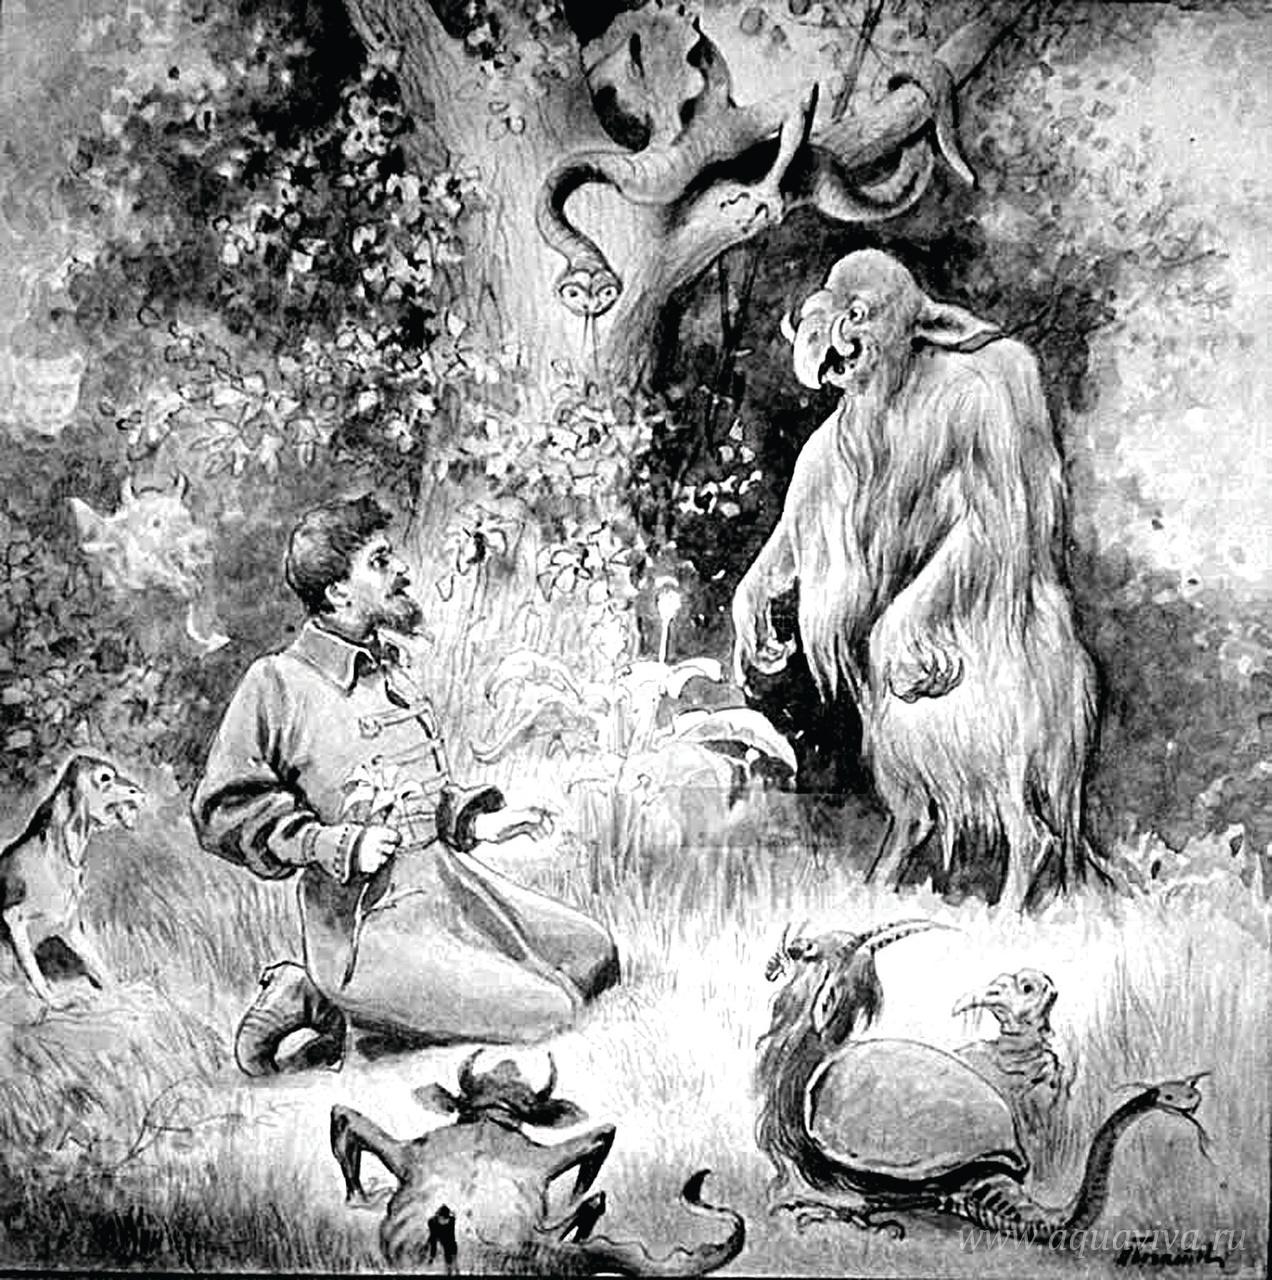 Н. А. Богатов. Сцена в лесу. Купец срывает аленький цветочек. 1870-е. Иллюстрация к сказке С. Т. Аксакова «Аленький цветочек» для альманаха «Волшебный фонарь»